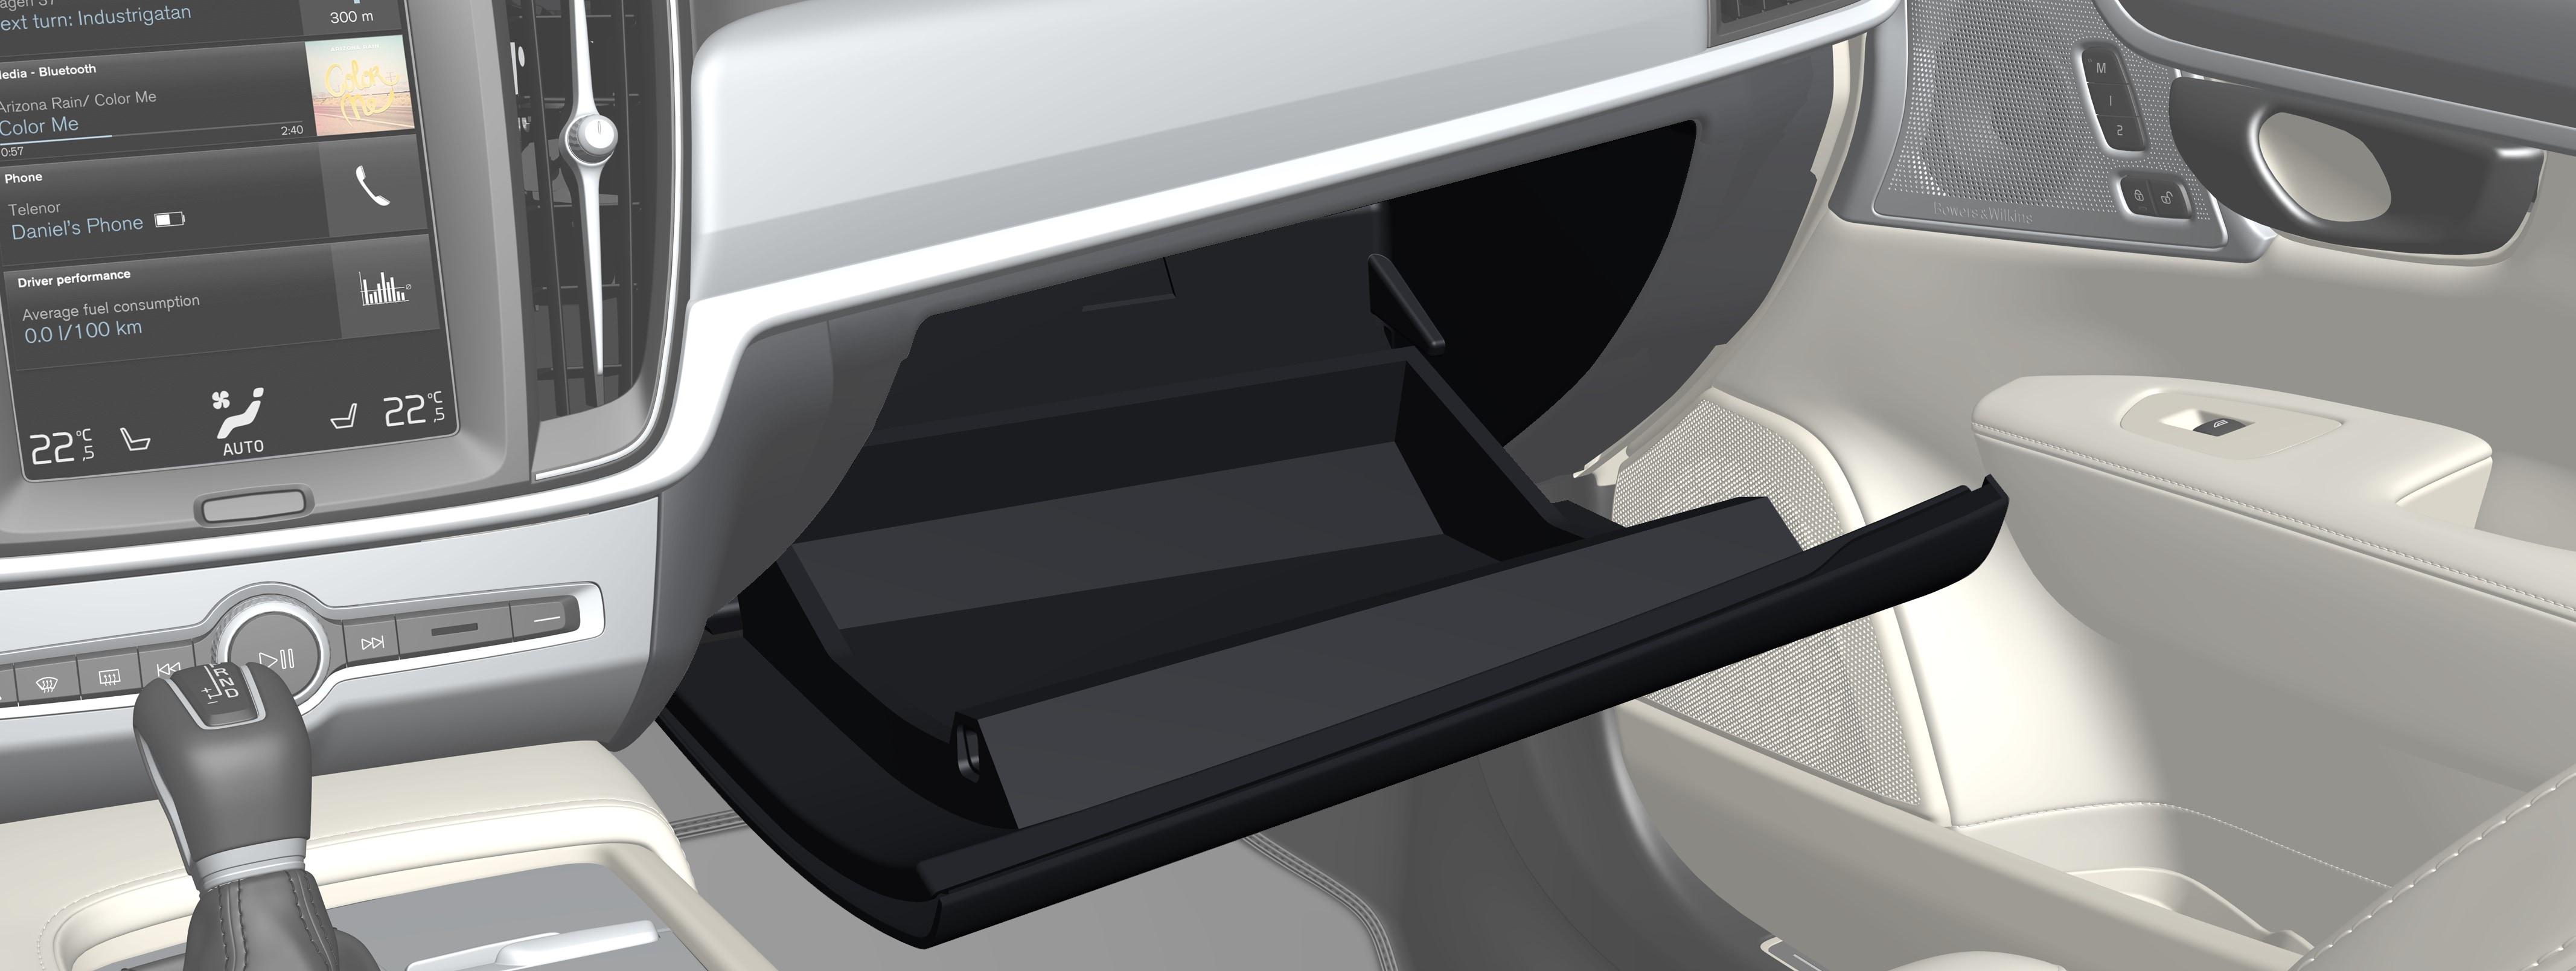 P5-1617-Interior-Glovebox